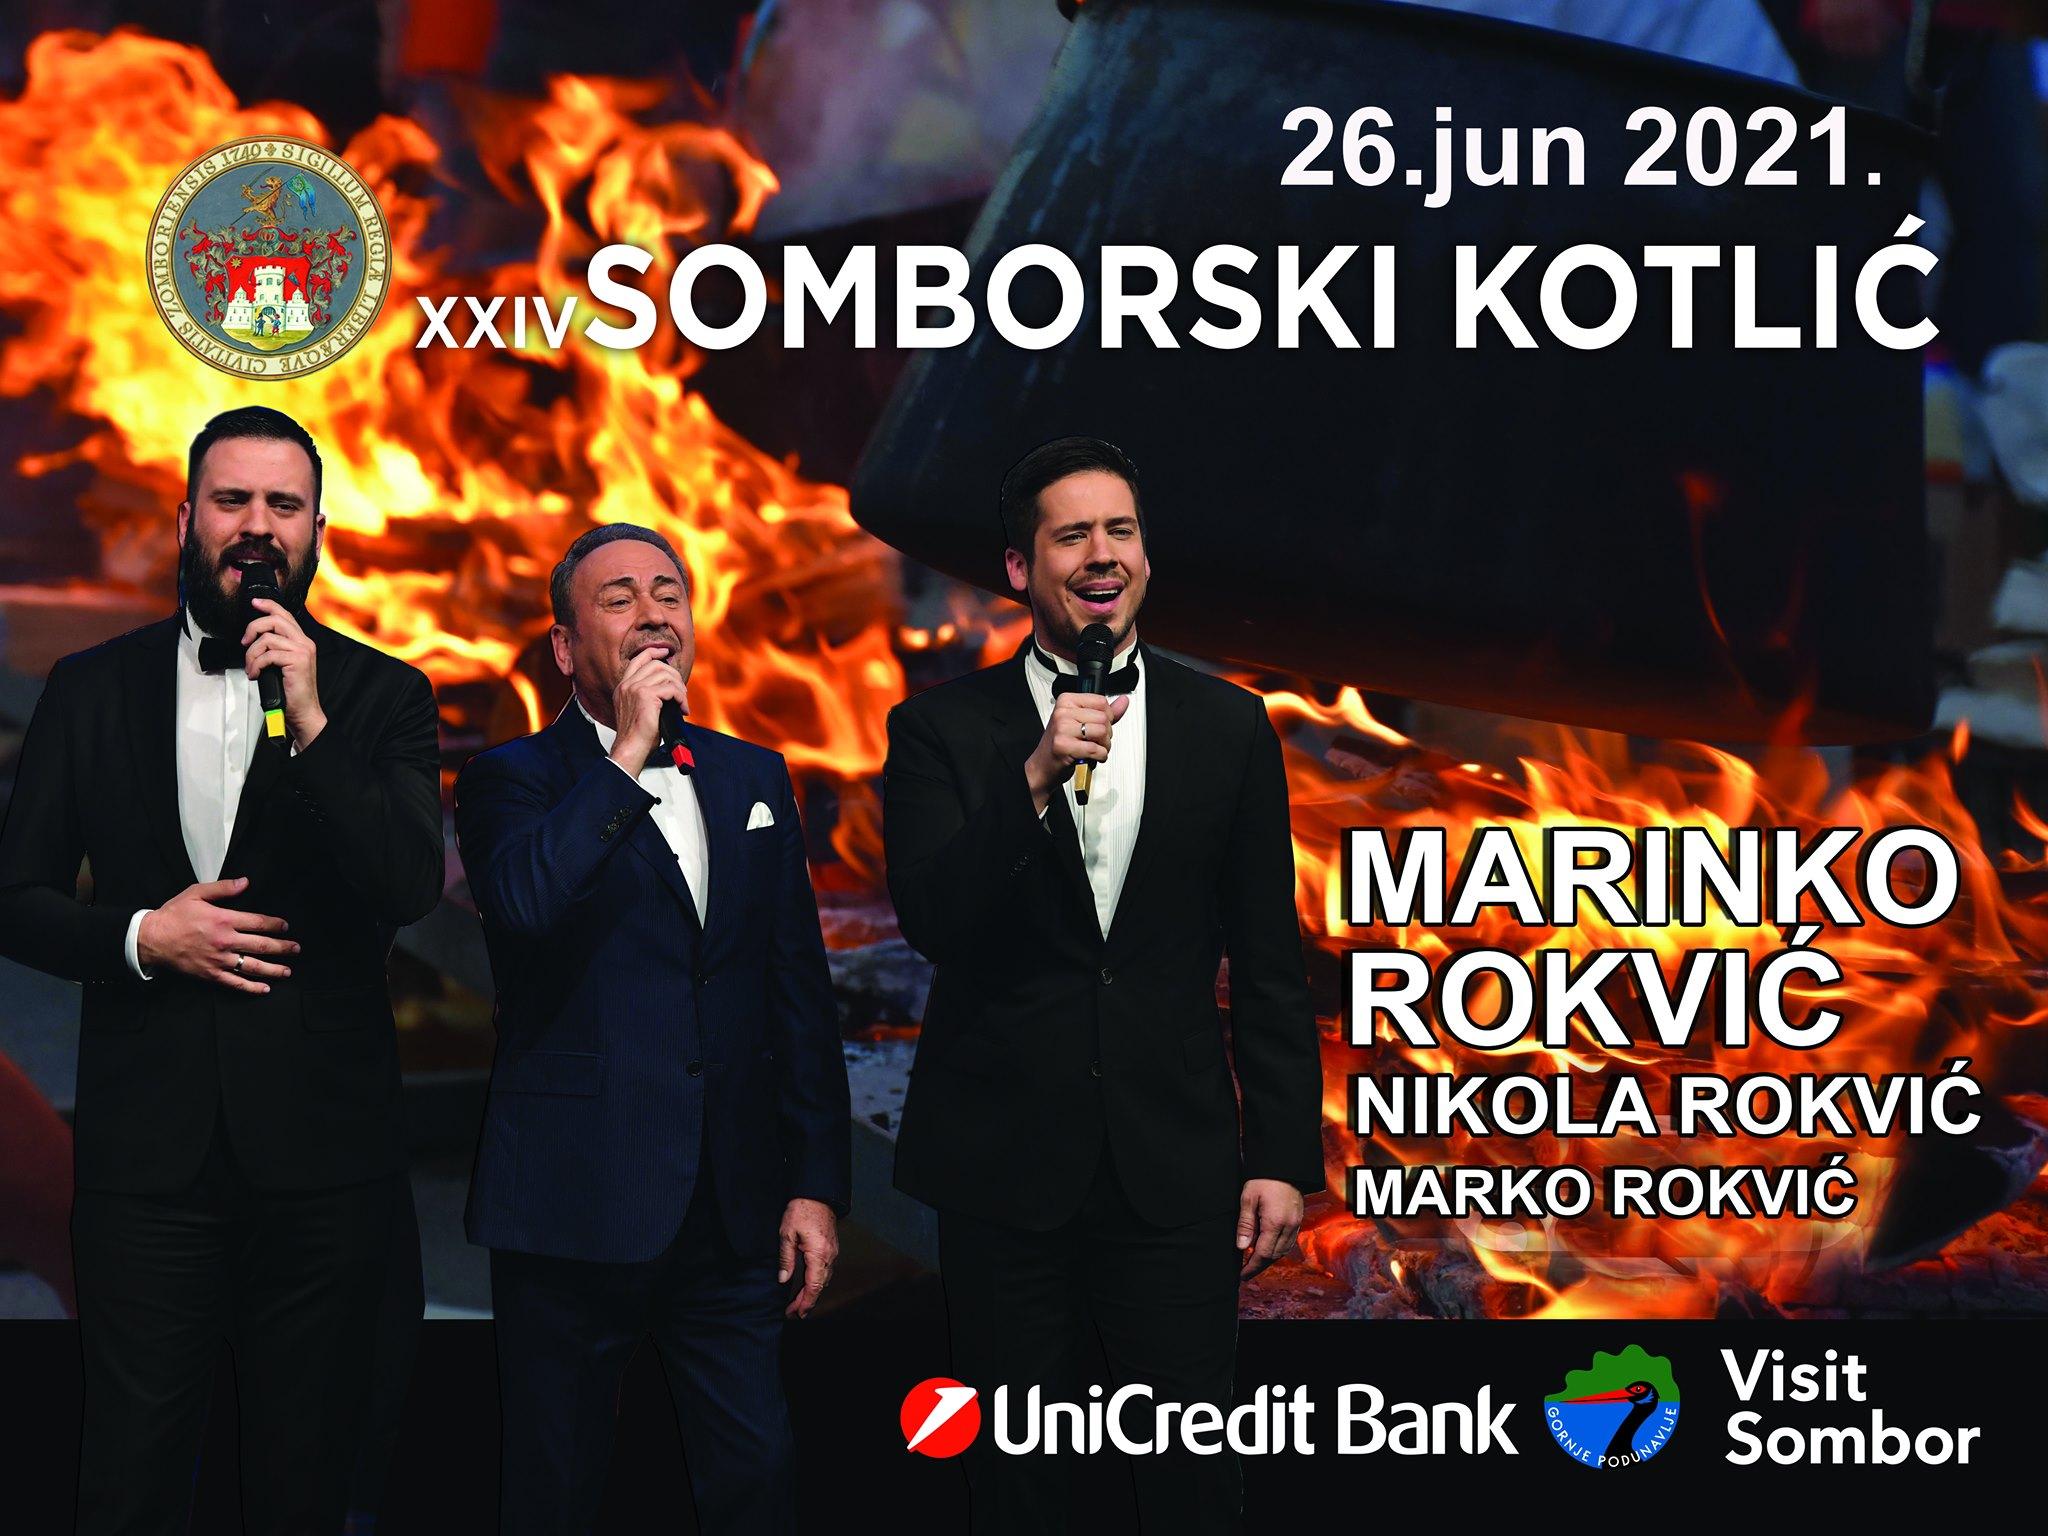 plakt-24-somborski-kotlic-2021-sombor